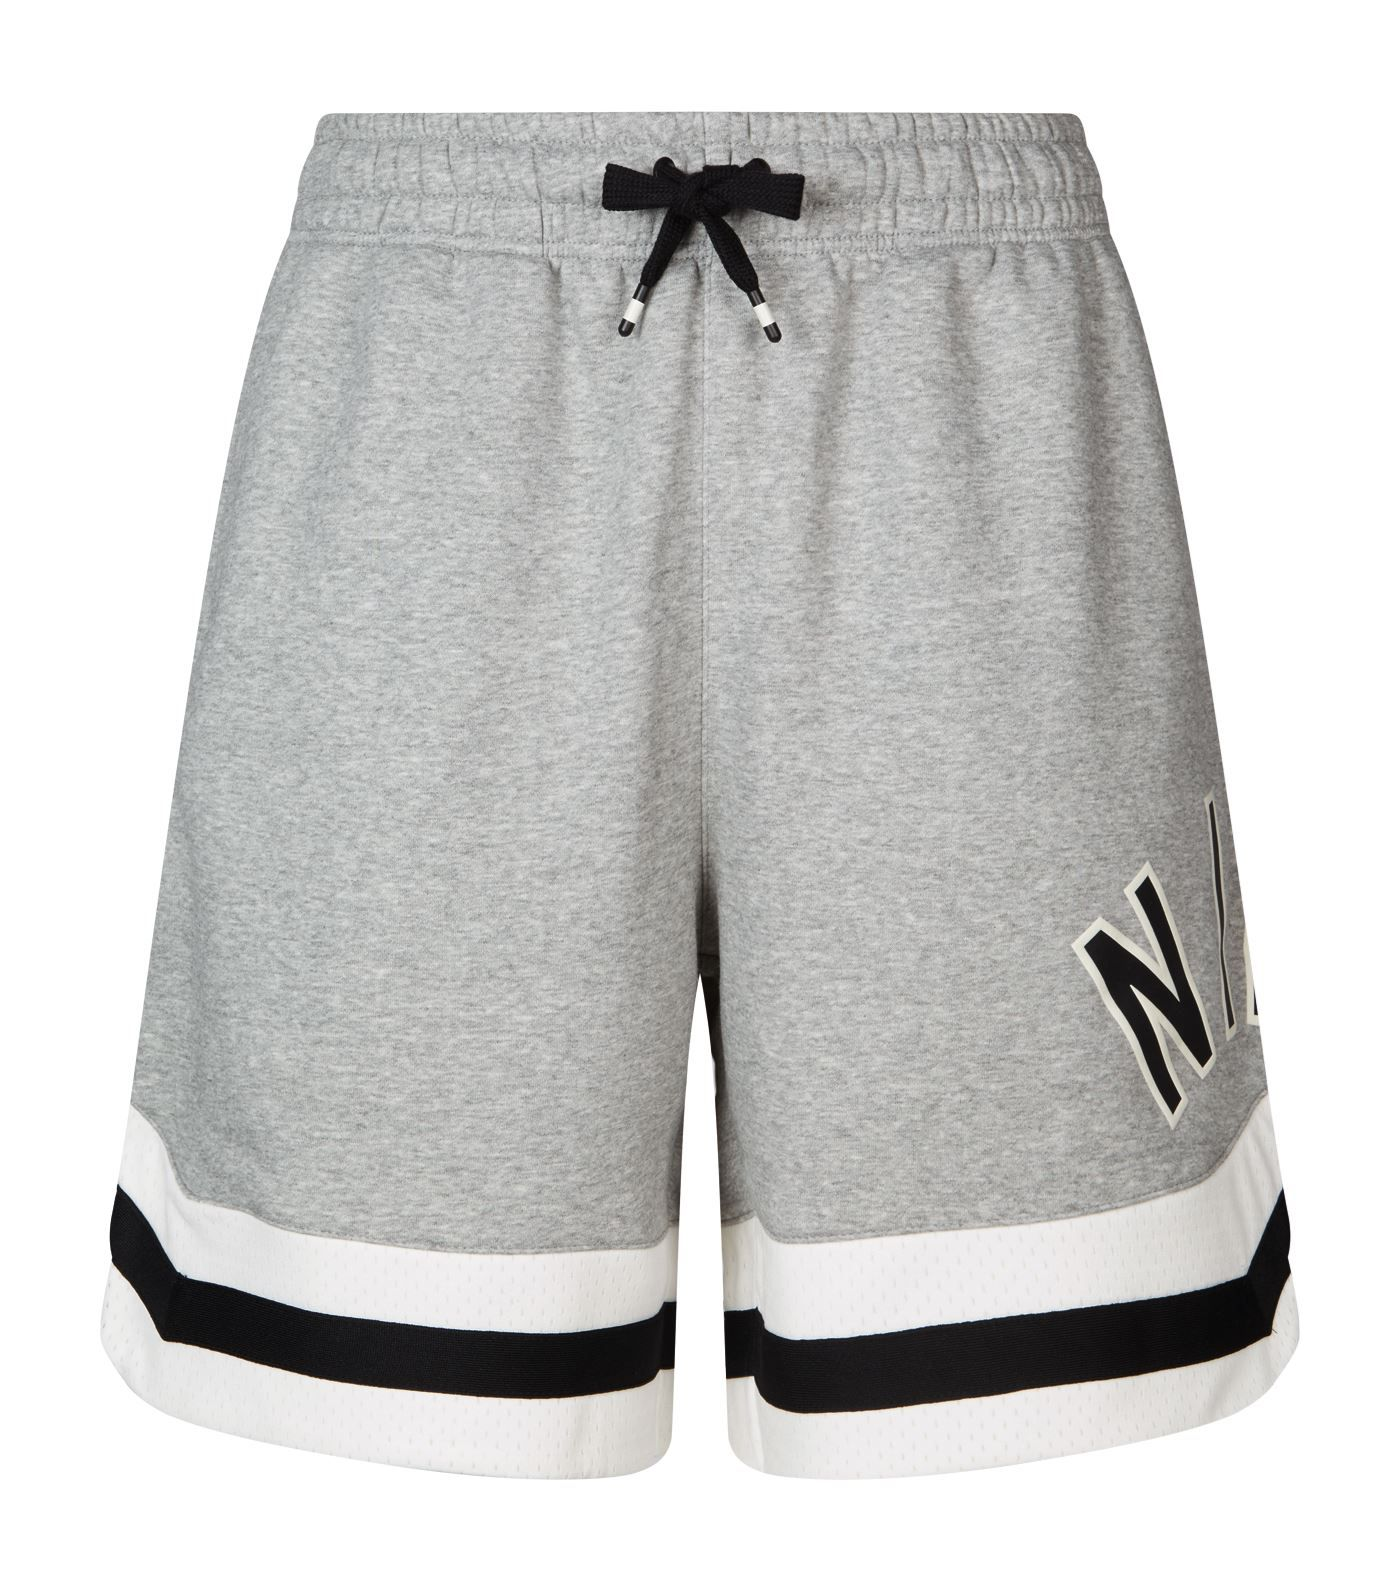 Nike Air Fleece Shorts In Grey Modesens Fleece Shorts Nike Fleece Shorts